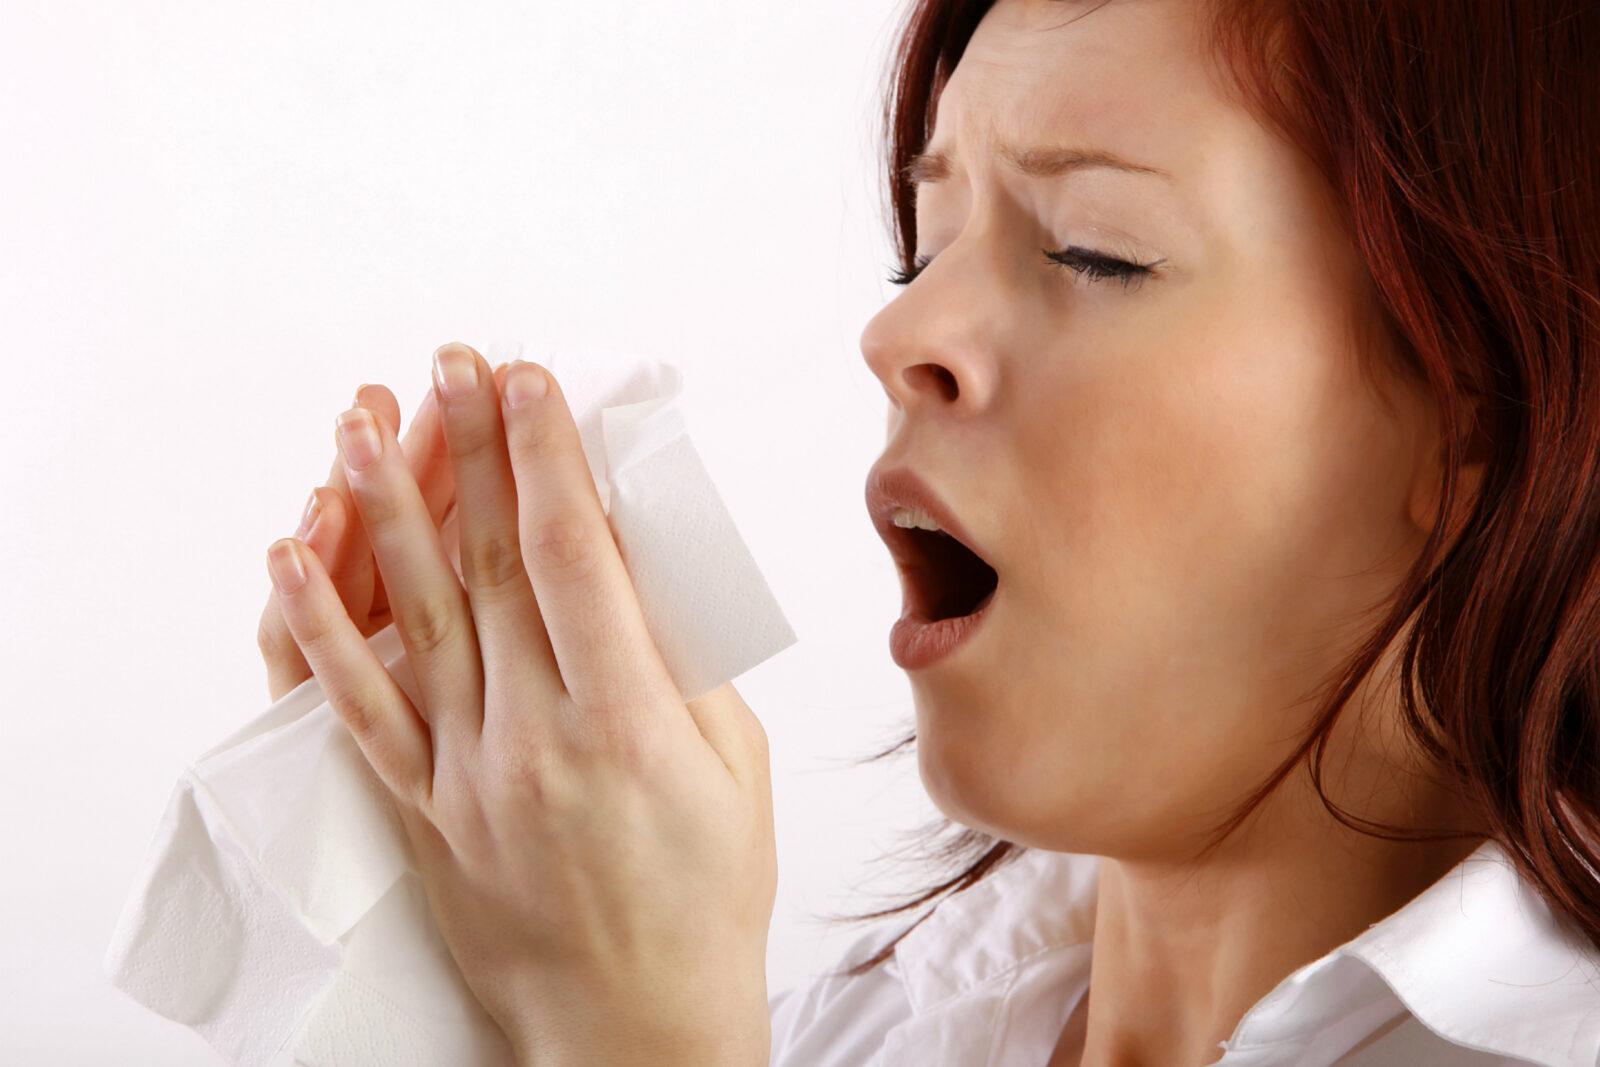 Английские фразы для «неловких» ситуаций или что говорить, если вы случайно пролили кофе